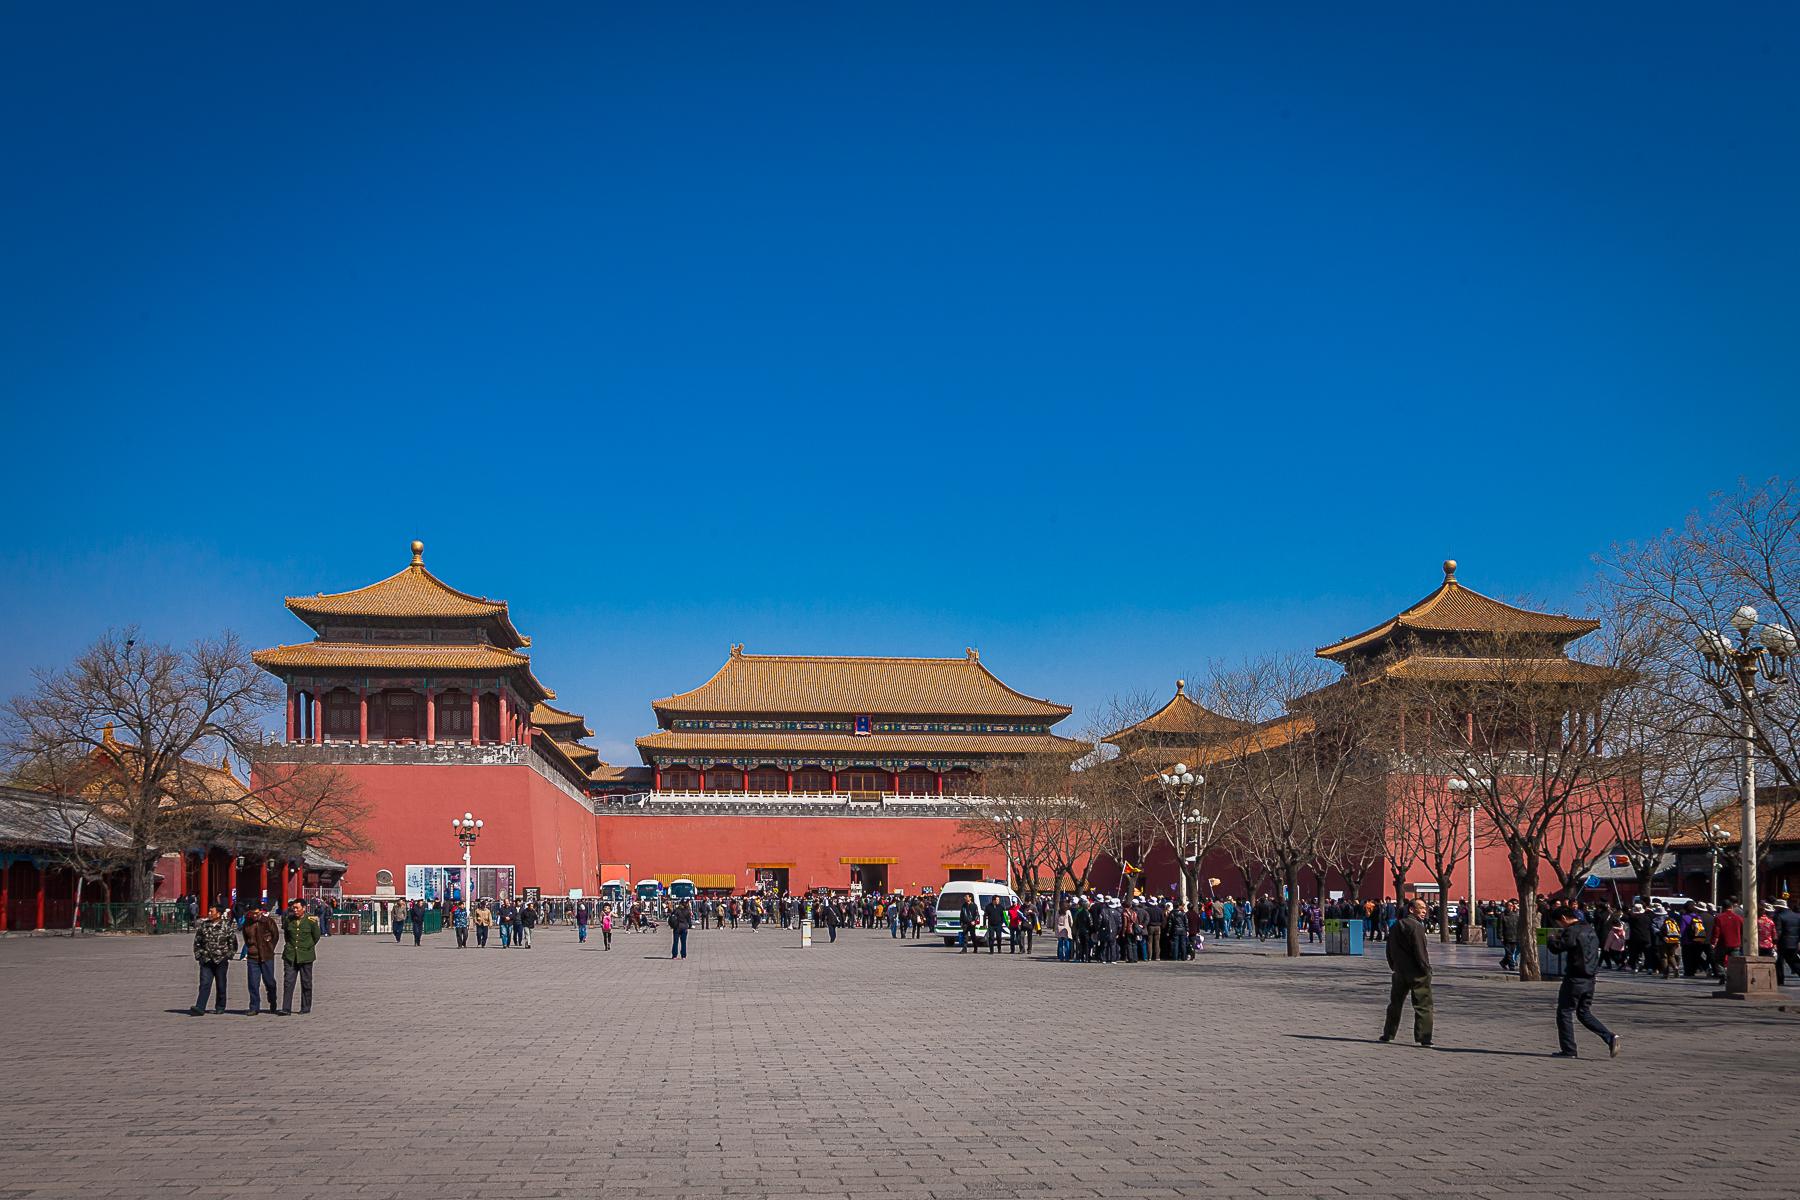 forbiddencitybeijing-1.jpg